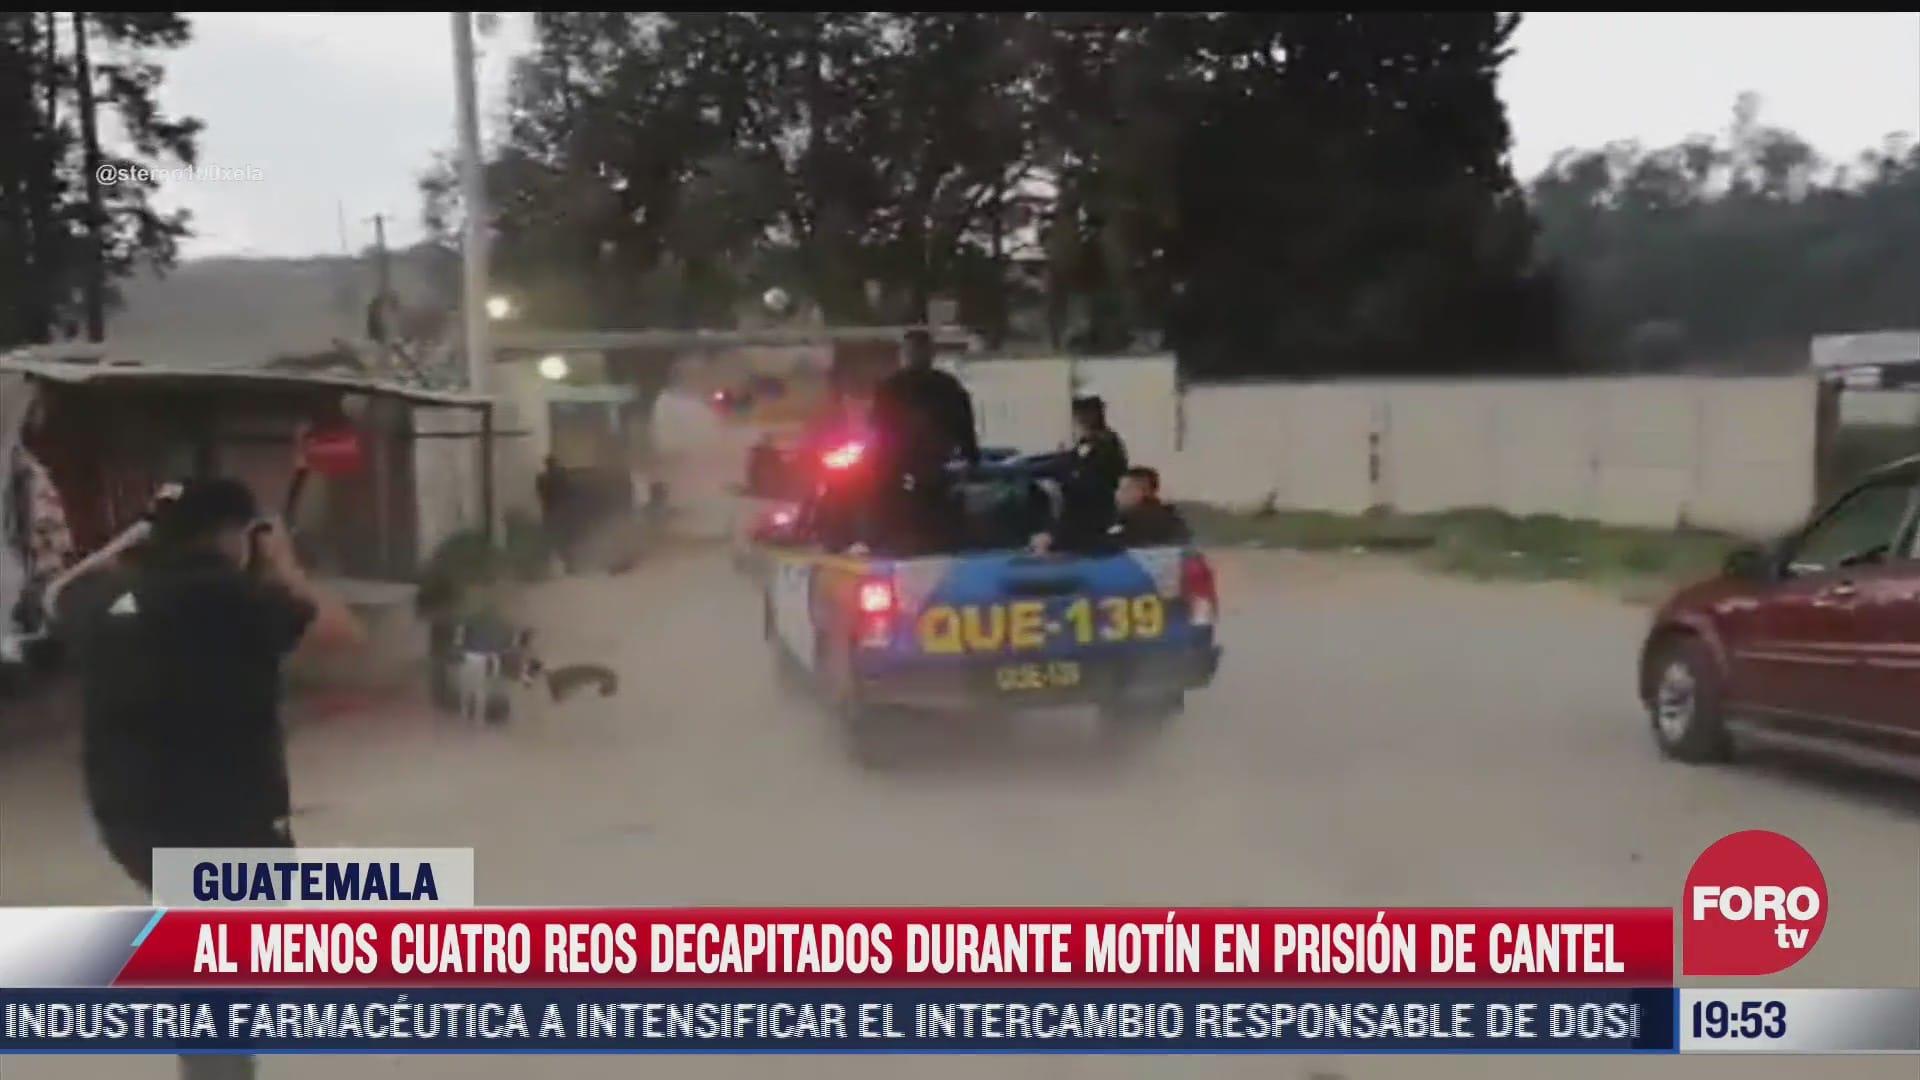 al menos 4 reos decapitados durante motin en prision en guatemala